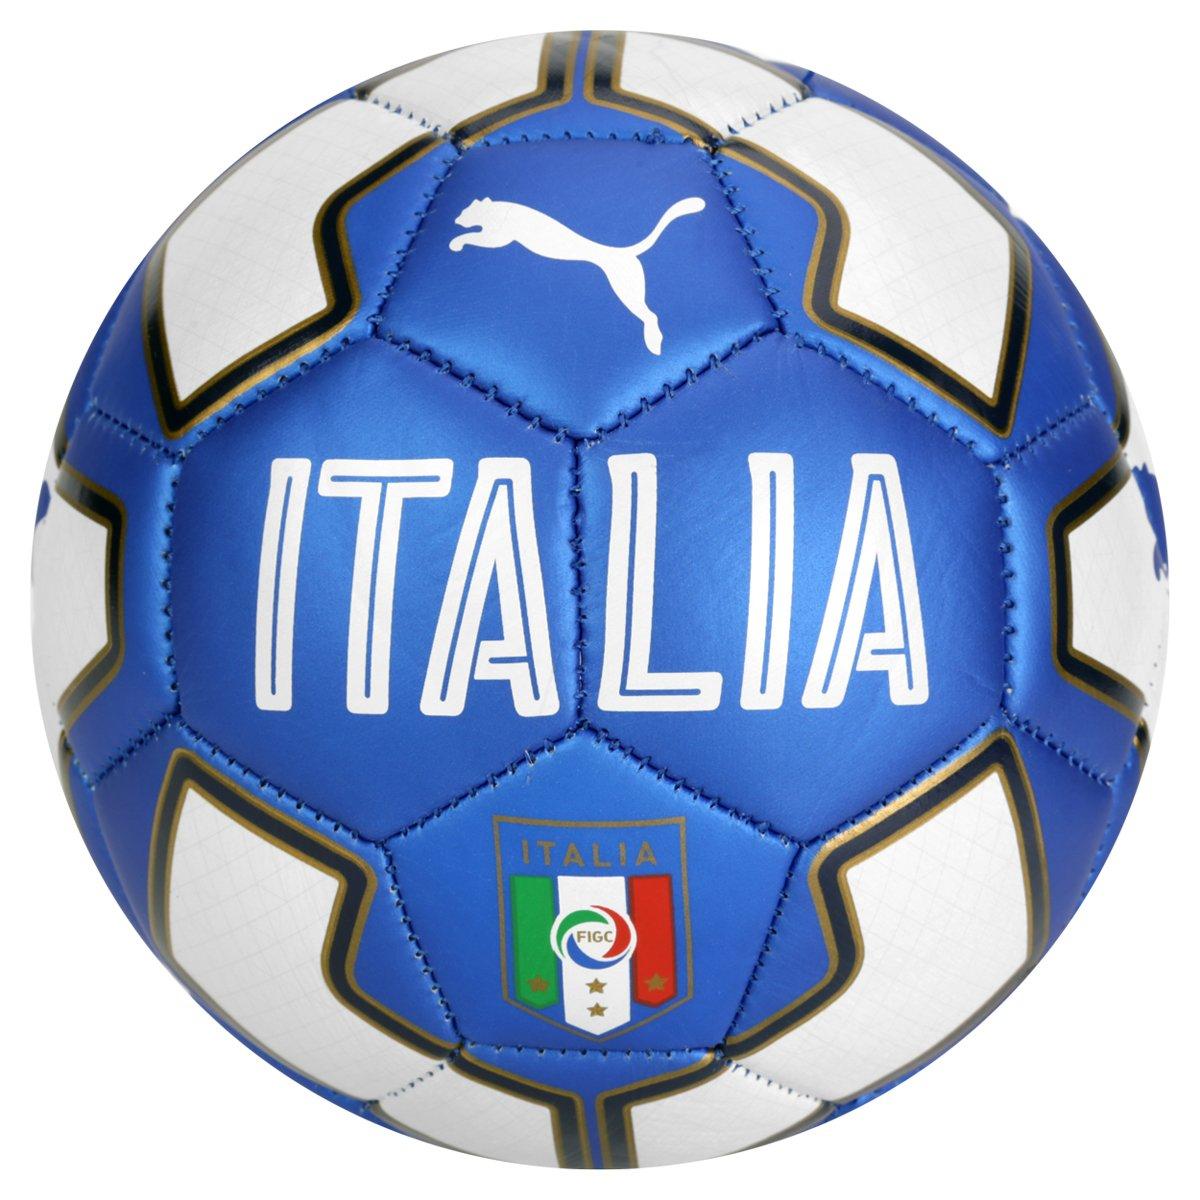 27194895a0e2d MiniBola Futebol Puma Itália Fan - Compre Agora